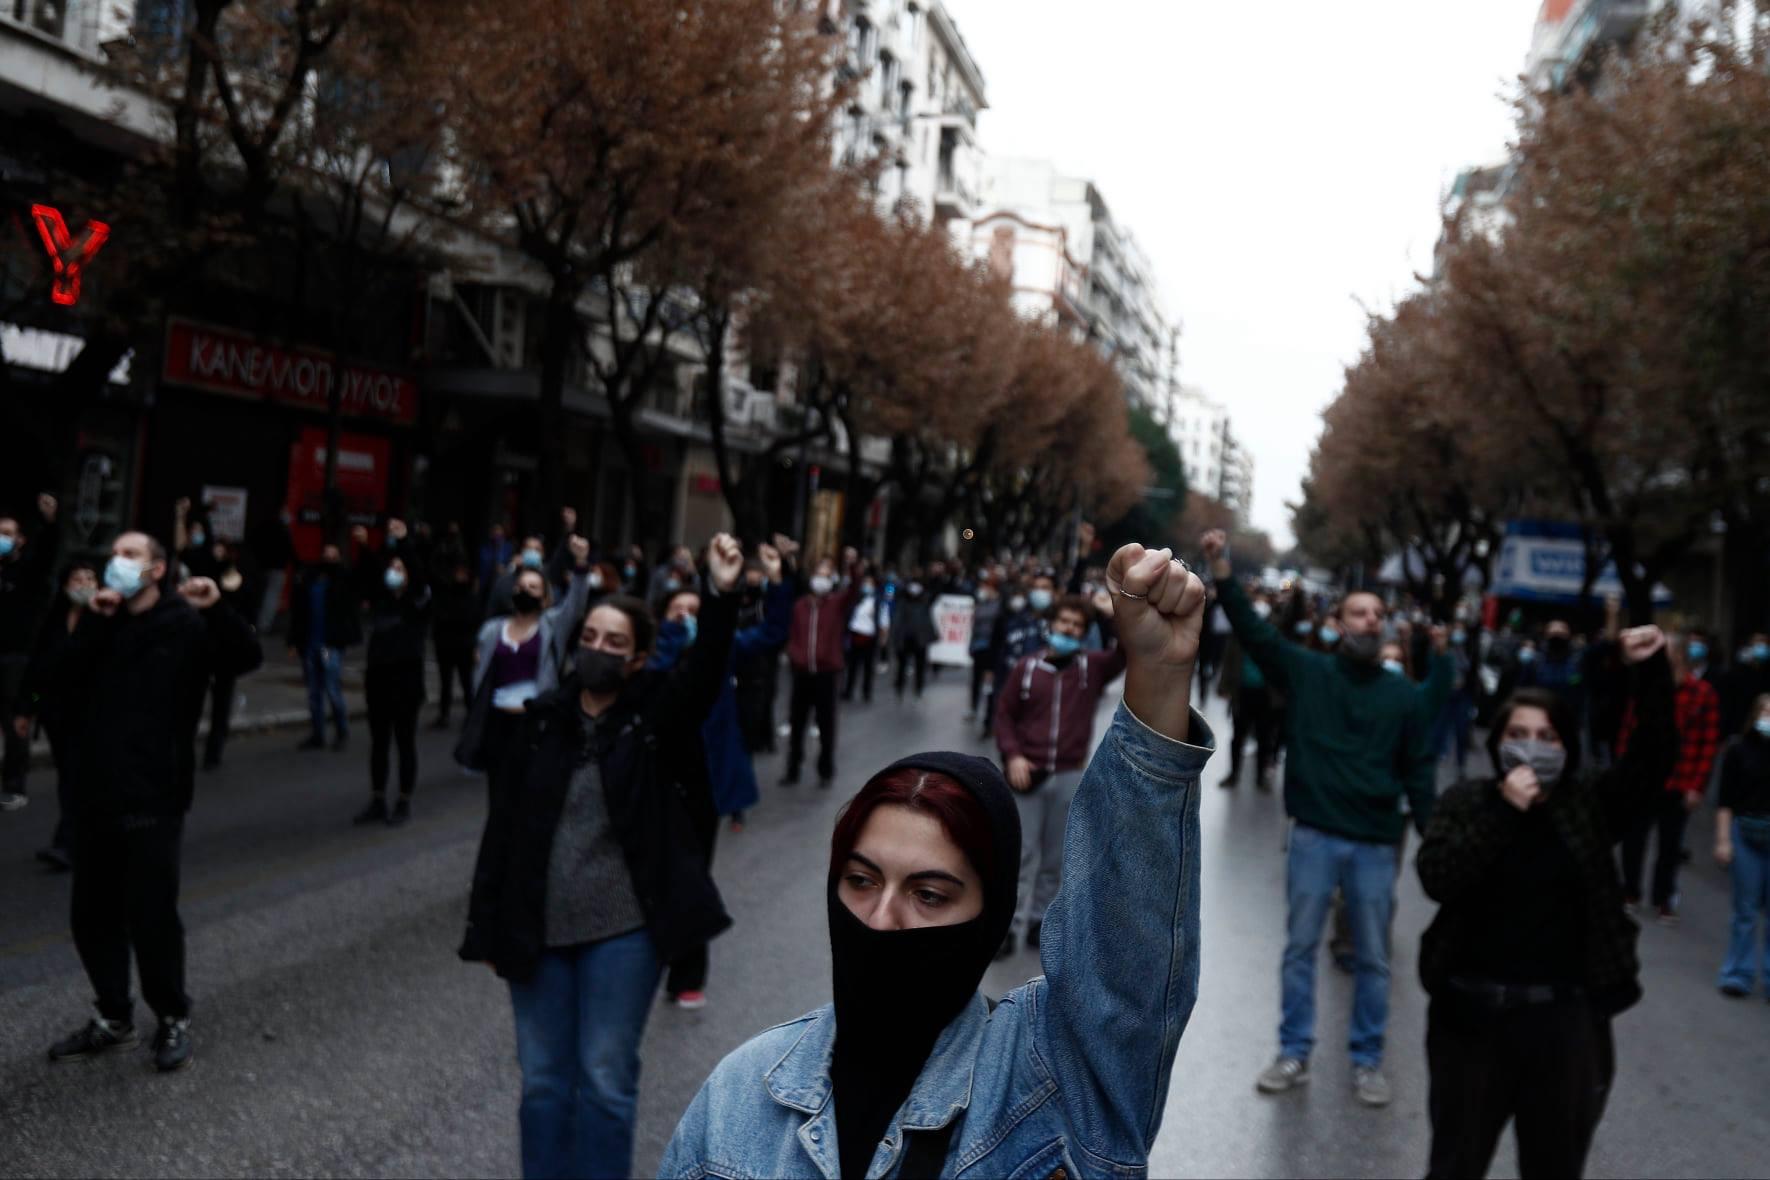 Θεσσαλονίκη: Αποστάσεις από τους διαδηλωτές, βία και συνωστισμός από τα ΜΑΤ (βίντεο)